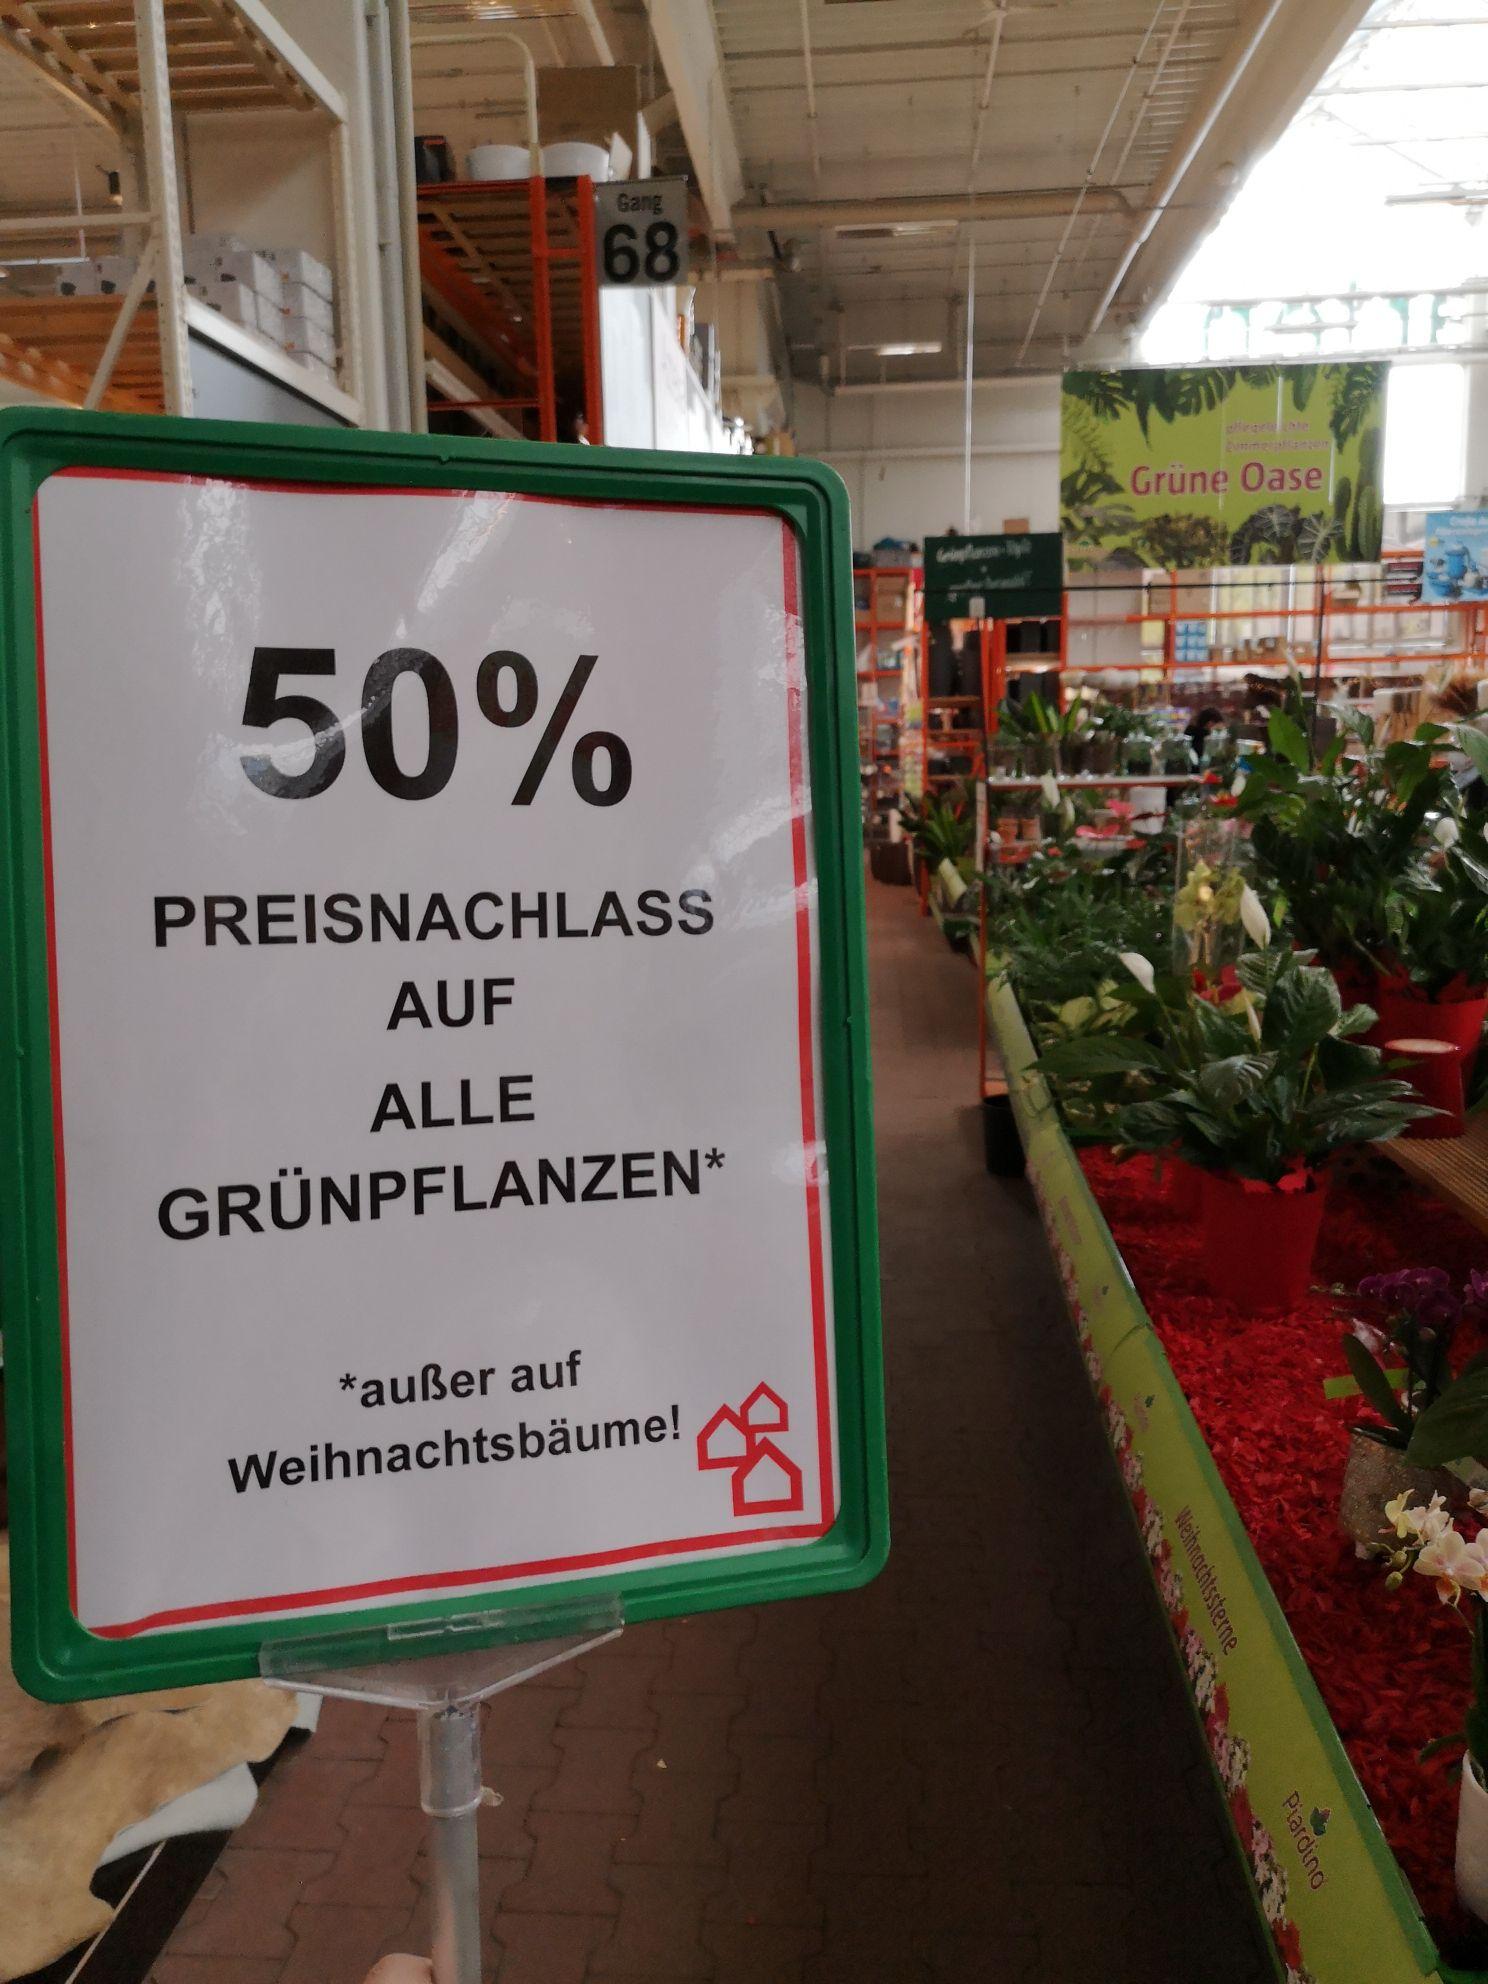 Bauhaus 50% auf alle Pflanzen (evtl. Deutschlandweit)